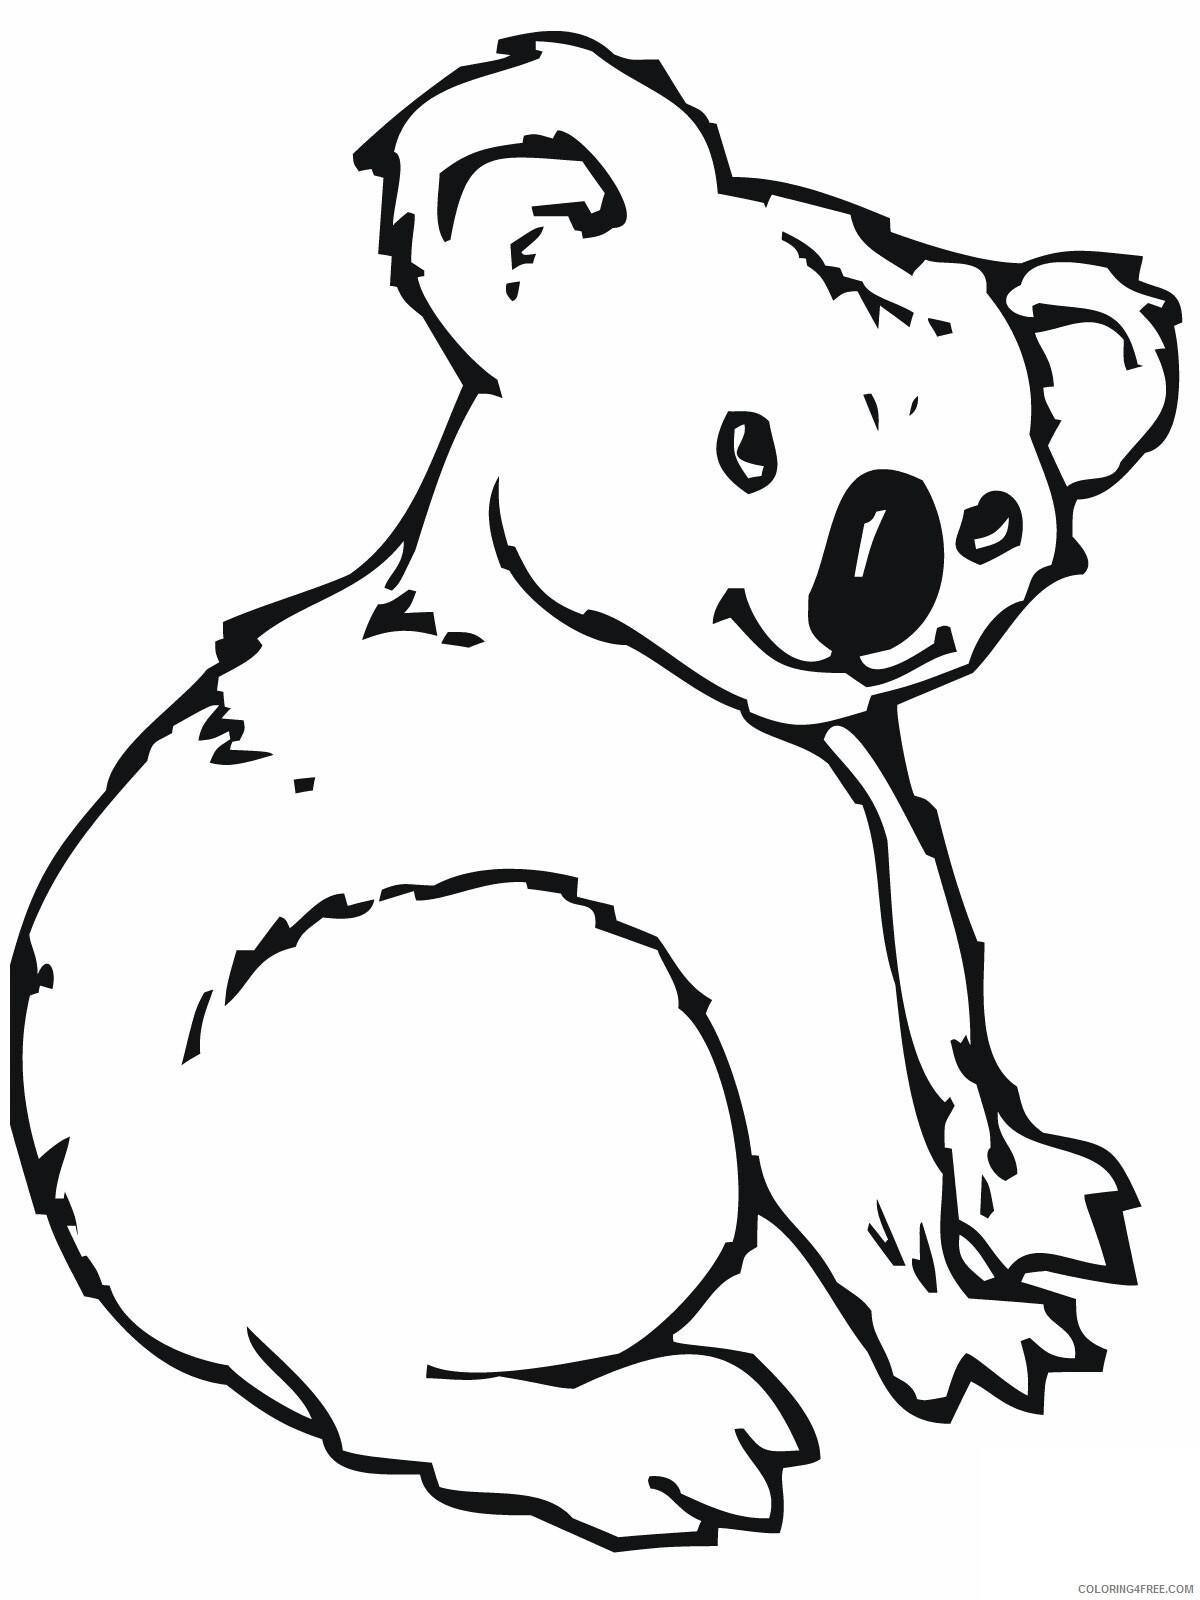 Koala Coloring Pages Animal Printable Sheets Cute Koala 2021 3034 Coloring4free